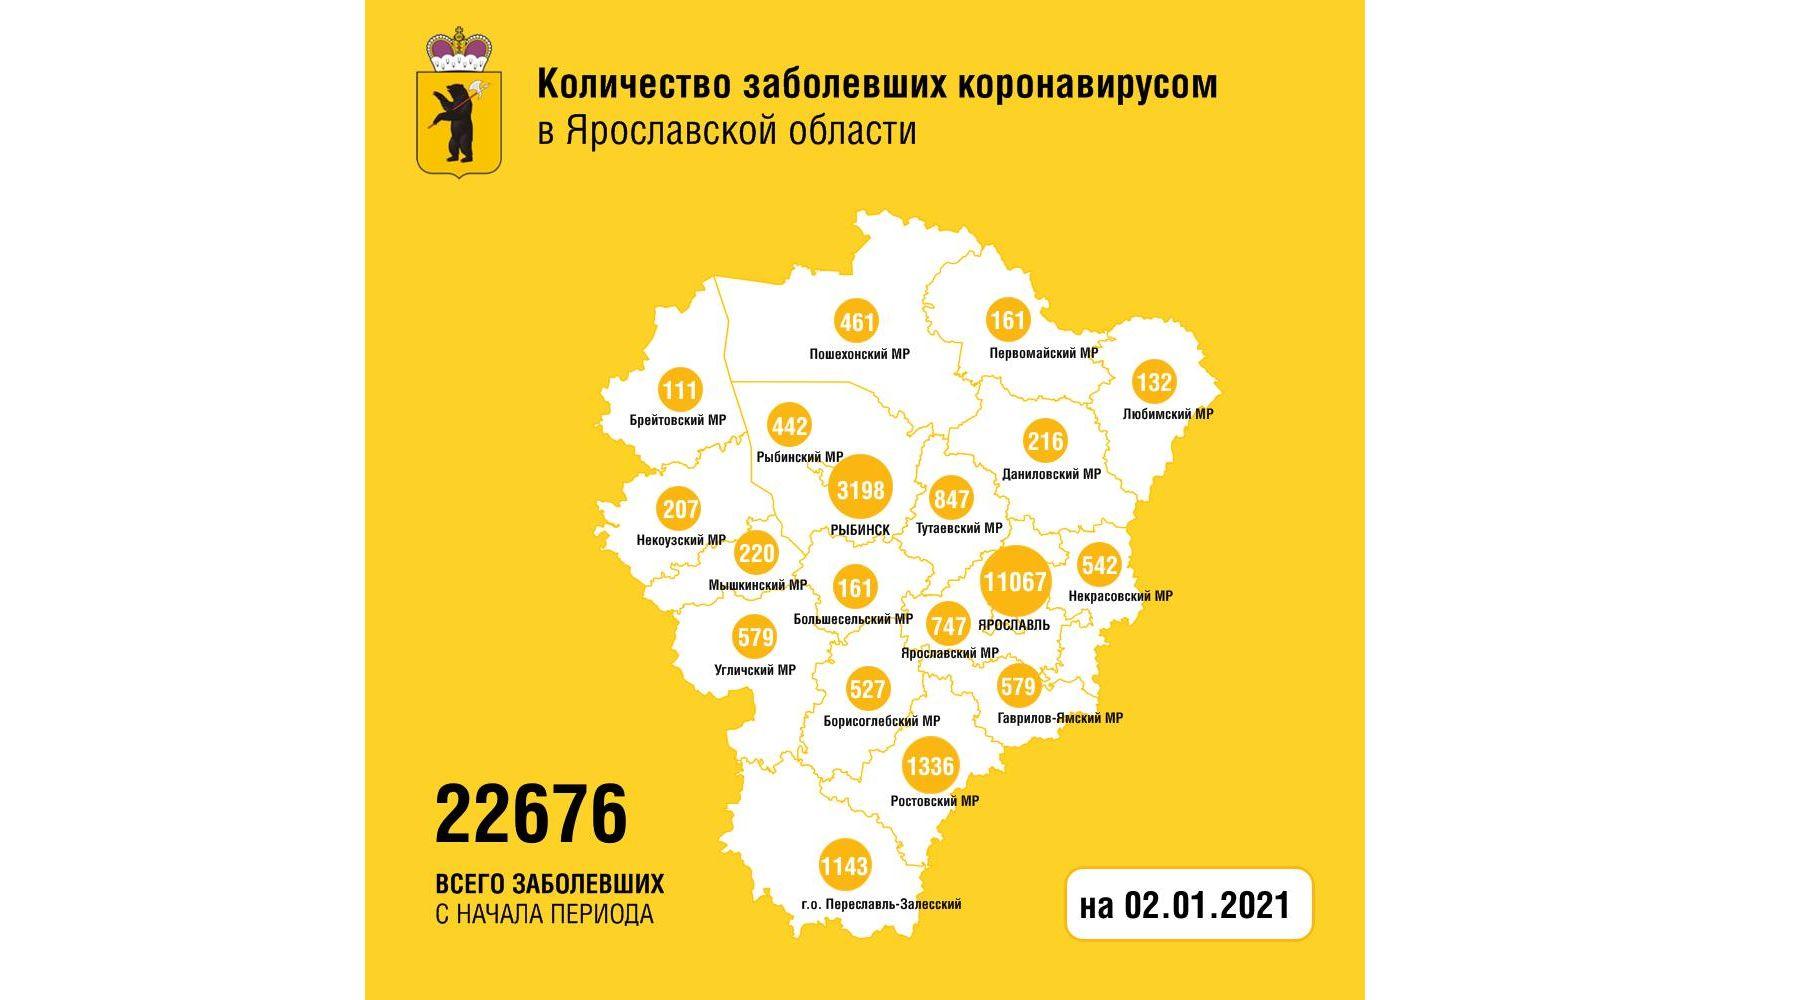 Еще 193 жителя Ярославской области заболели коронавирусом, пятеро скончались